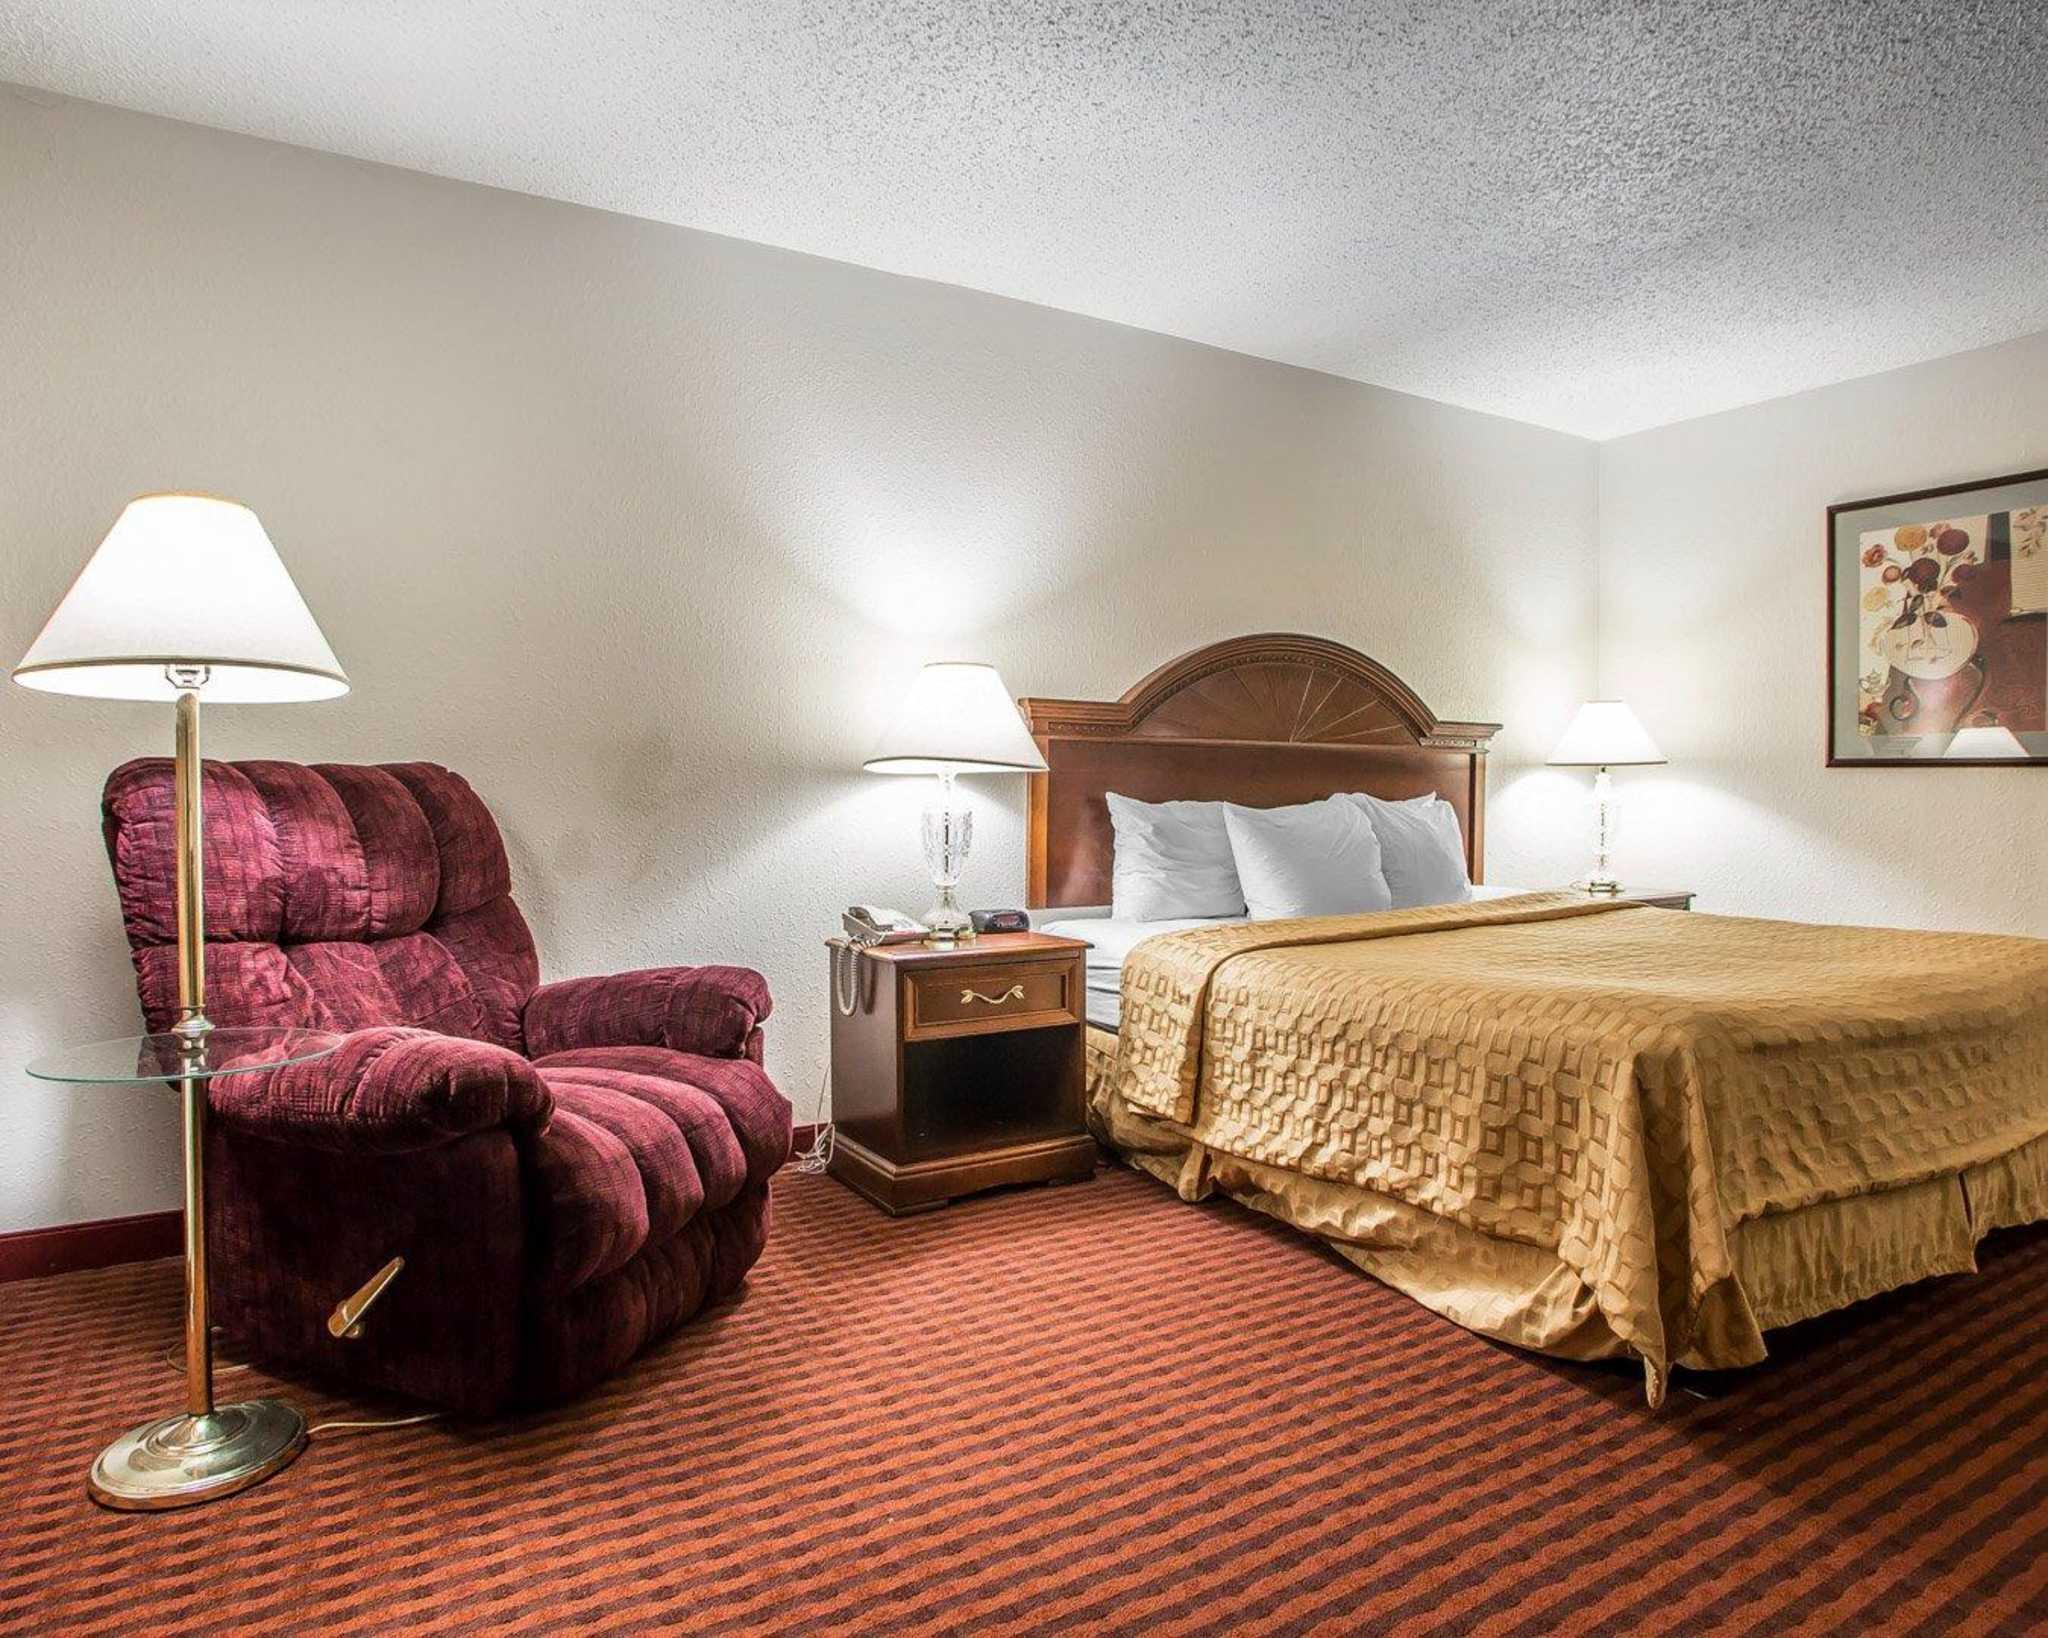 Clarion Hotel Highlander Conference Center image 31